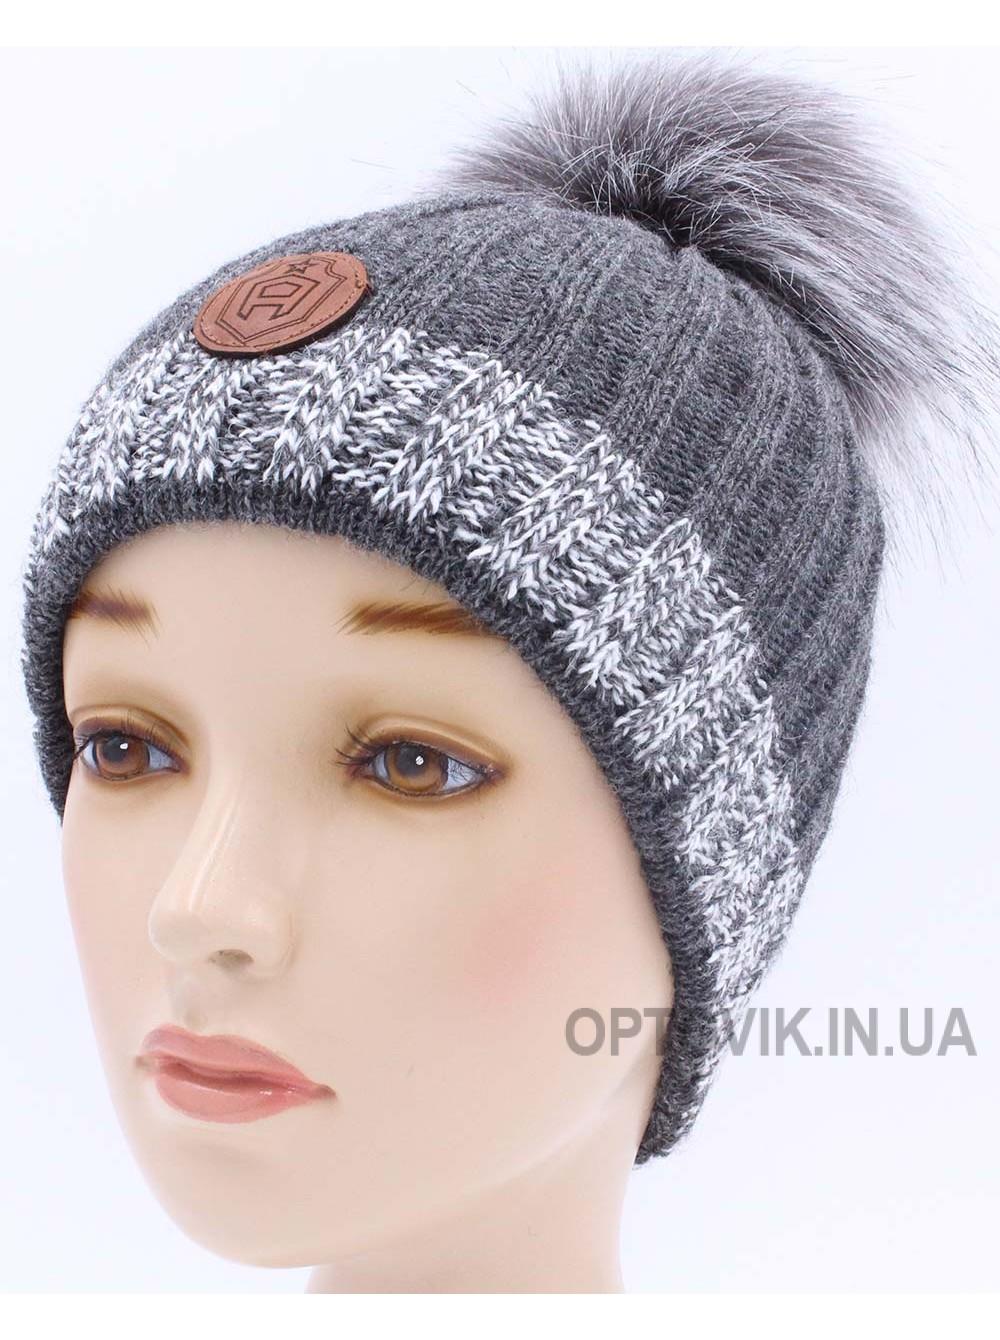 Детская вязаная шапка D42228-48-52